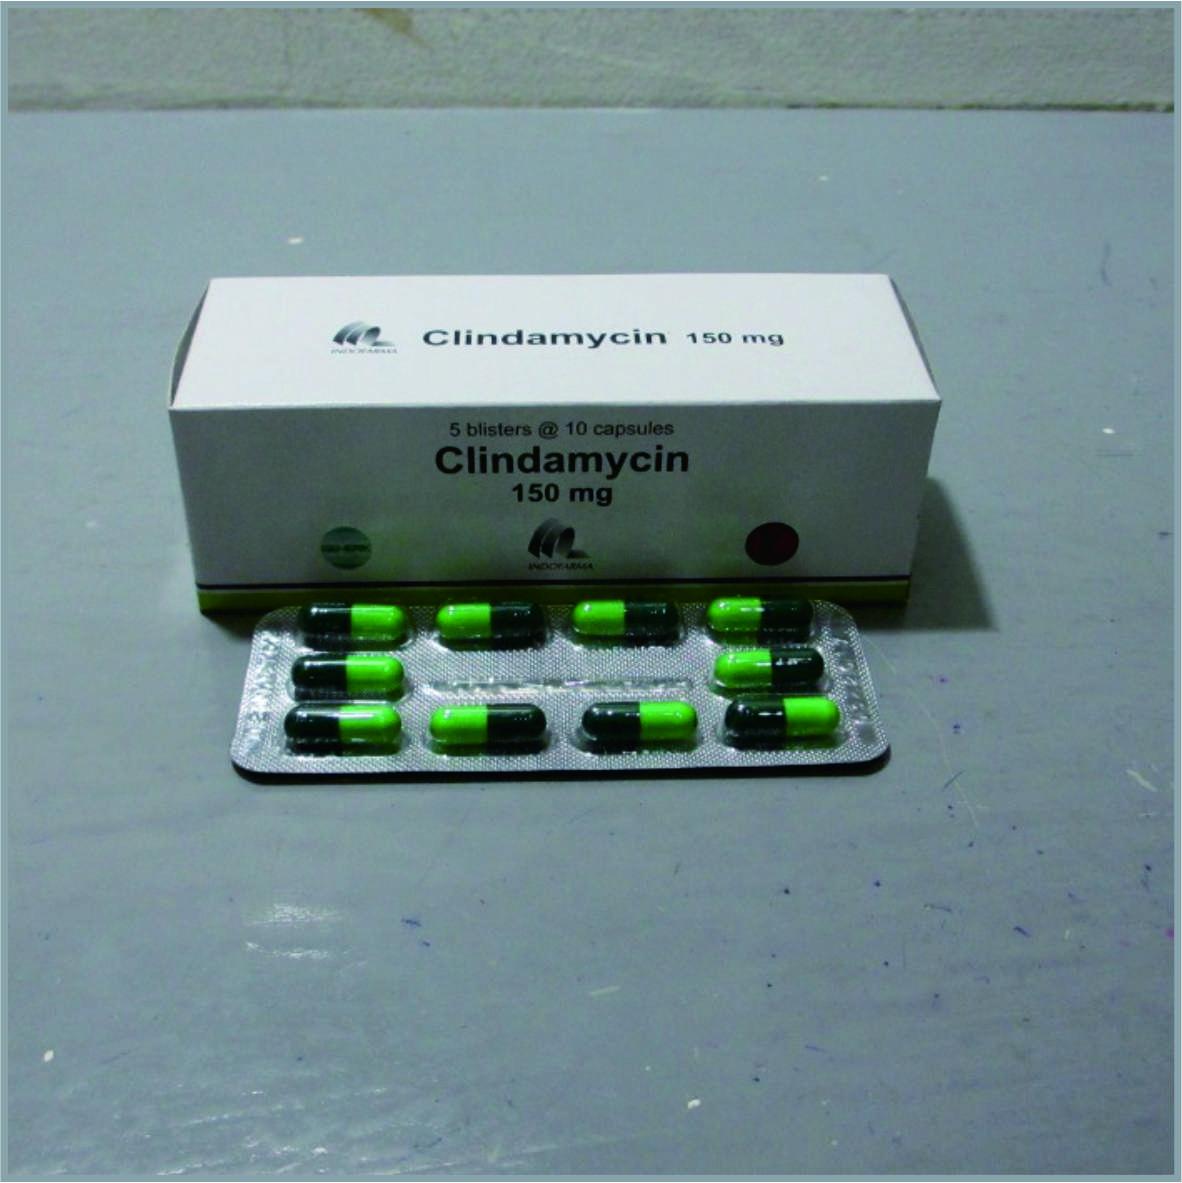 Clindramycin 150 mg Mengobati infeksi yang disebabkan oleh bakteri